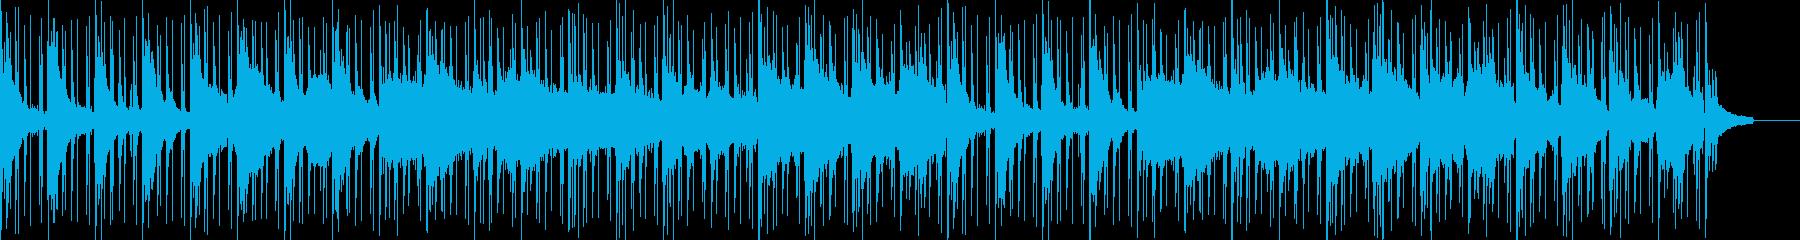 静かで美しいピアノと弦(ストリングス)の再生済みの波形